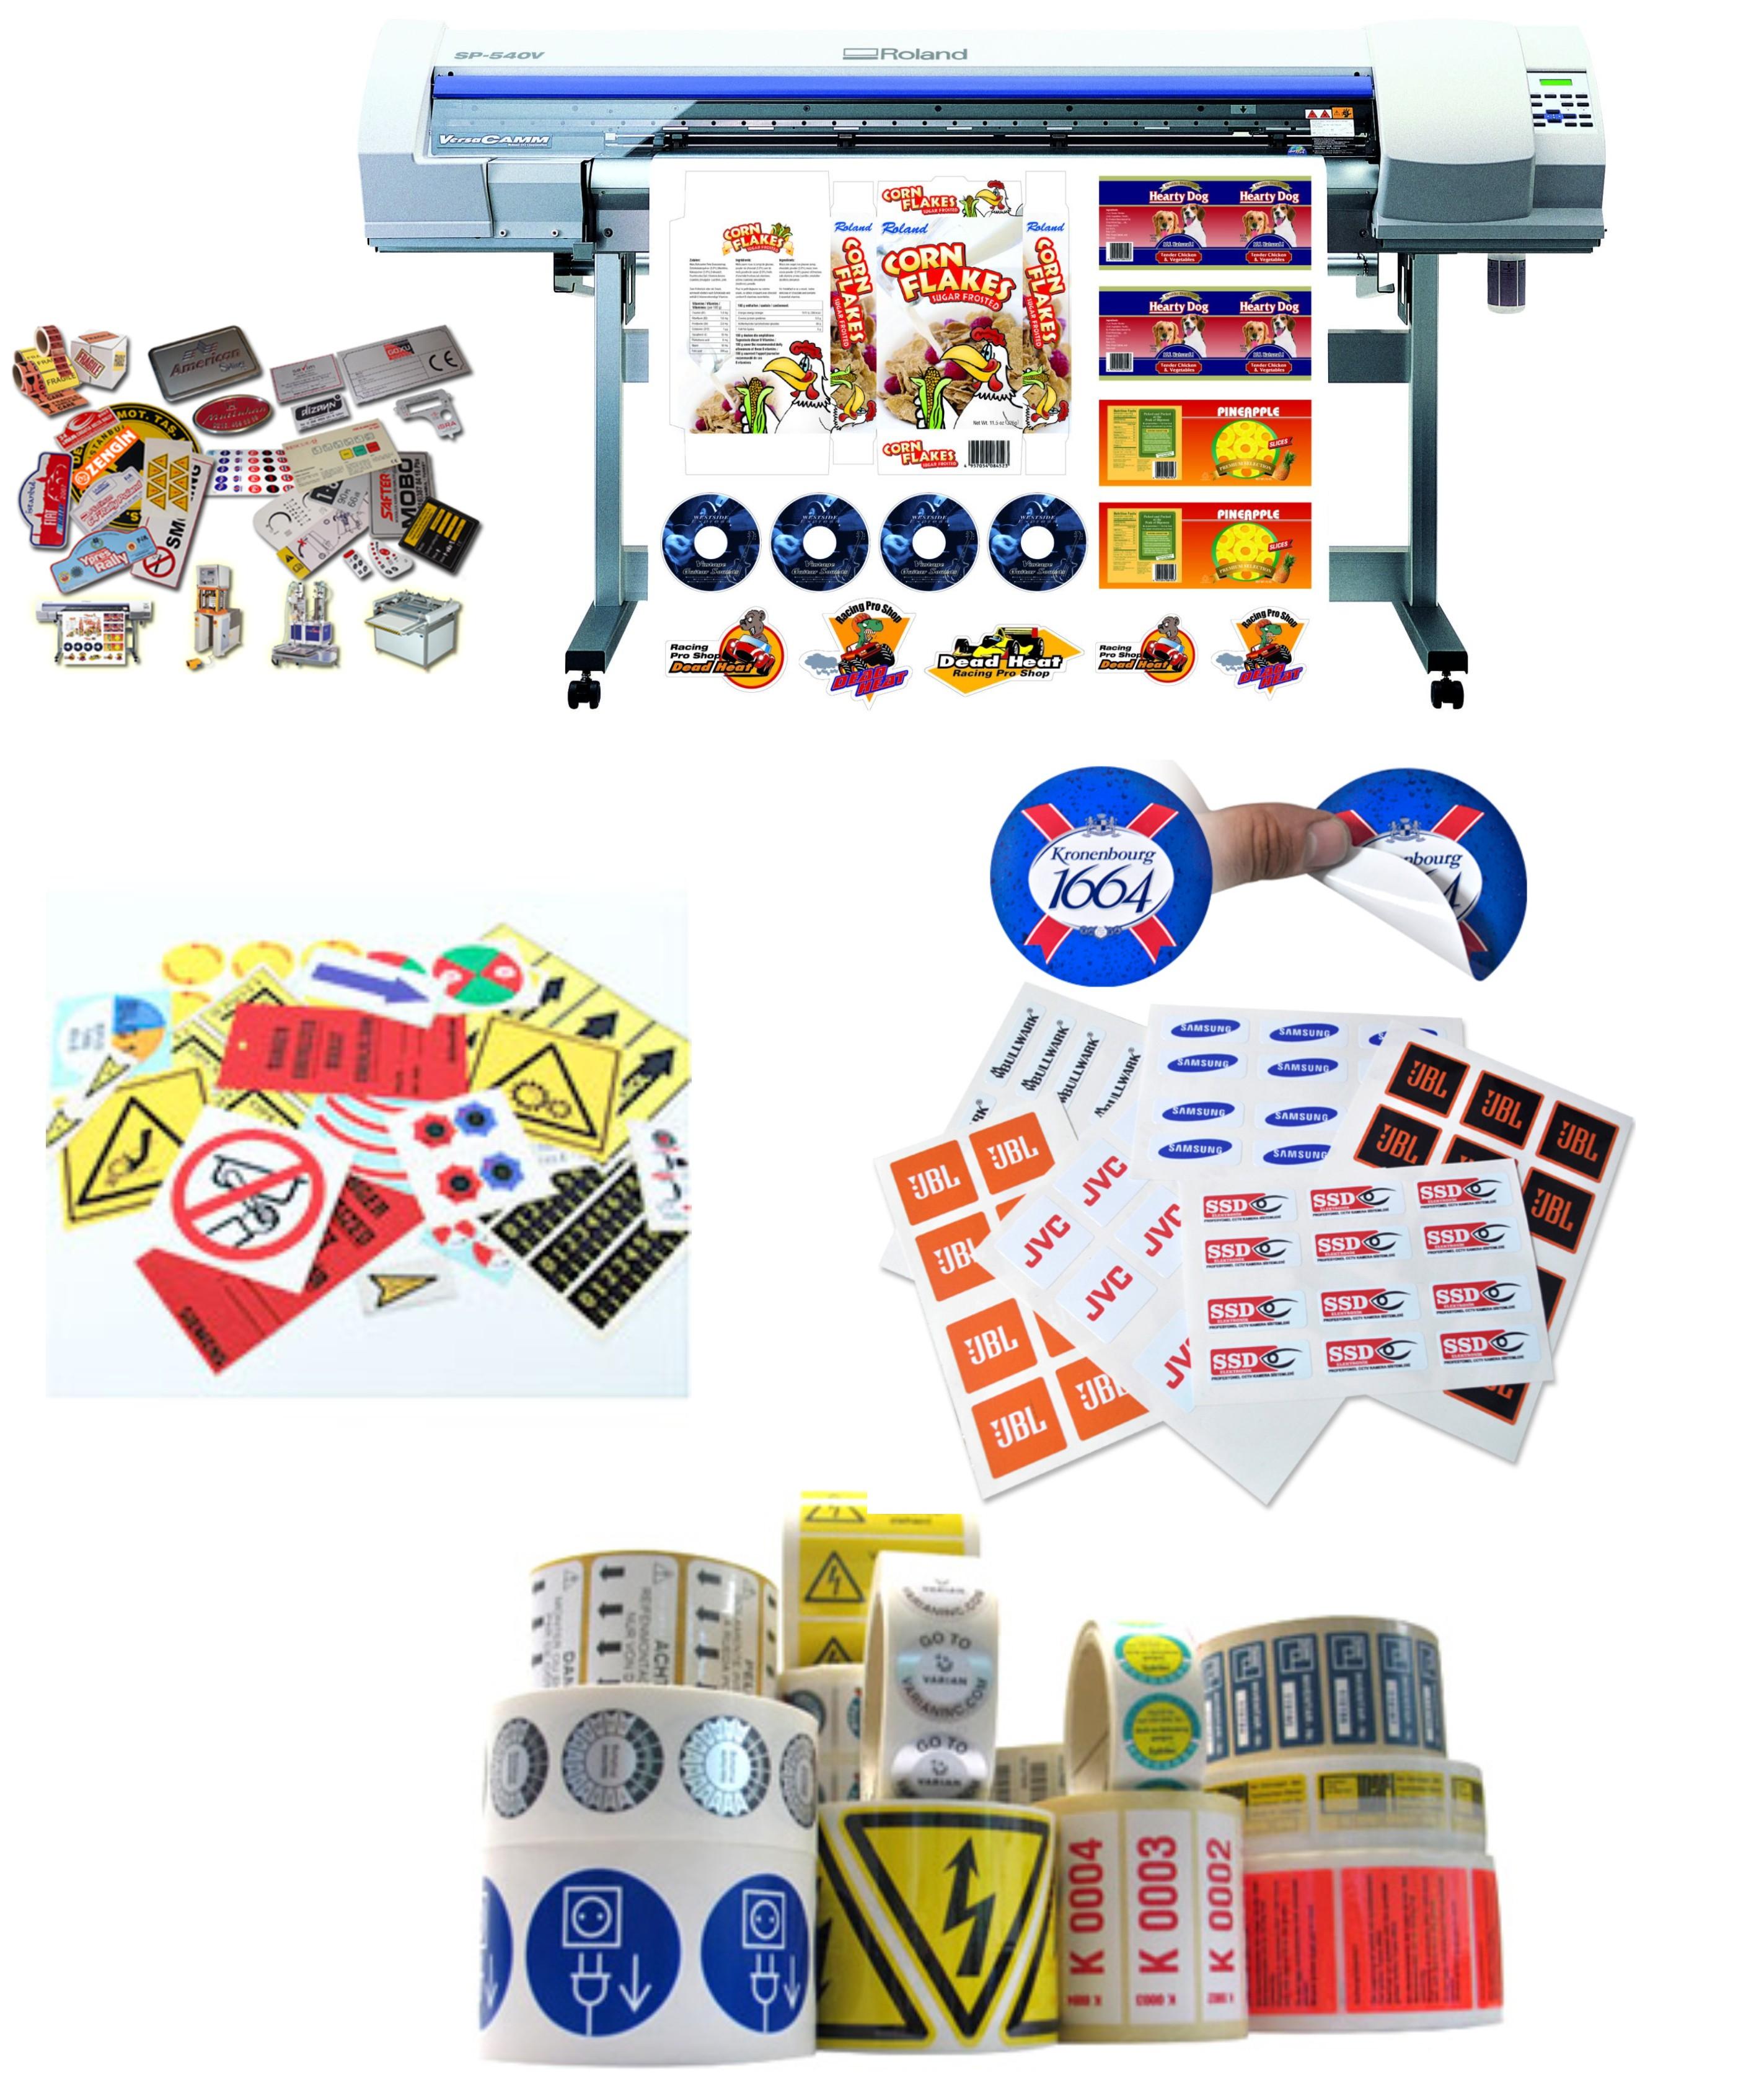 yapıştırma etiket,kağıt etiket,duvar yapıştırmaları,mobilya yapıştırmaları,konya yapıştırma etiket,konya yapıştırma etiket imlatı,dijital baskı etiketi,baskes etiket,cd etiketi,reklam etiketi,dekorasyon etiketi,gıda etiketi,folyo etiket,çizgi kahraman etiketleri,çıkartma etiket,promosyon etiketleri